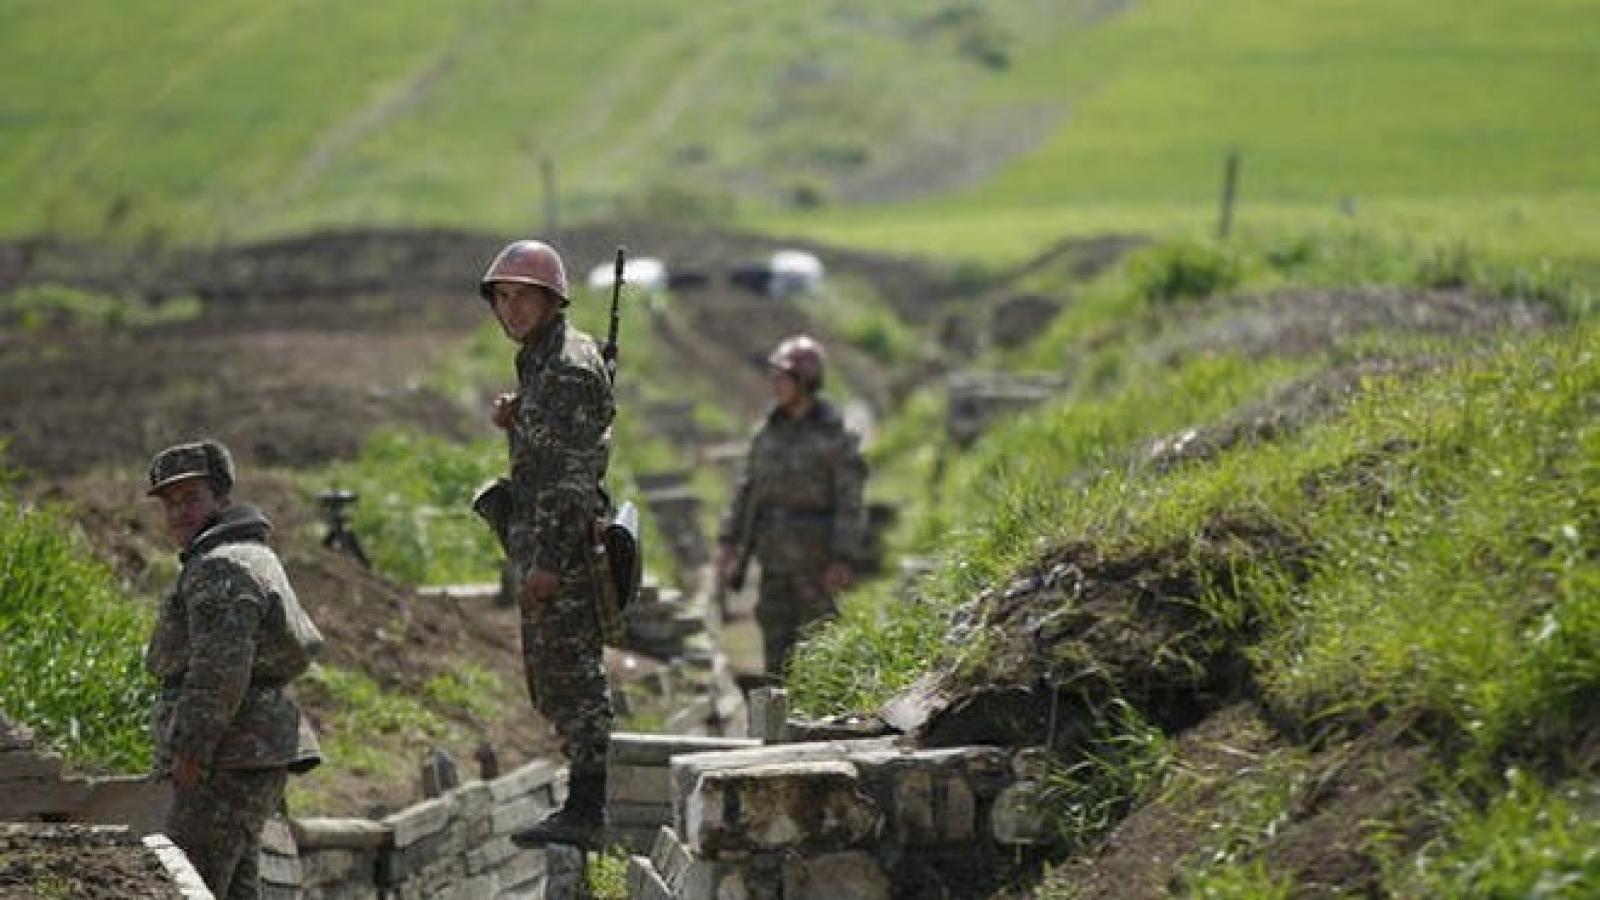 Nga kêu gọi các bên xung đột ở Nagorno-Karabakh ngừng bắn ngay lập tức